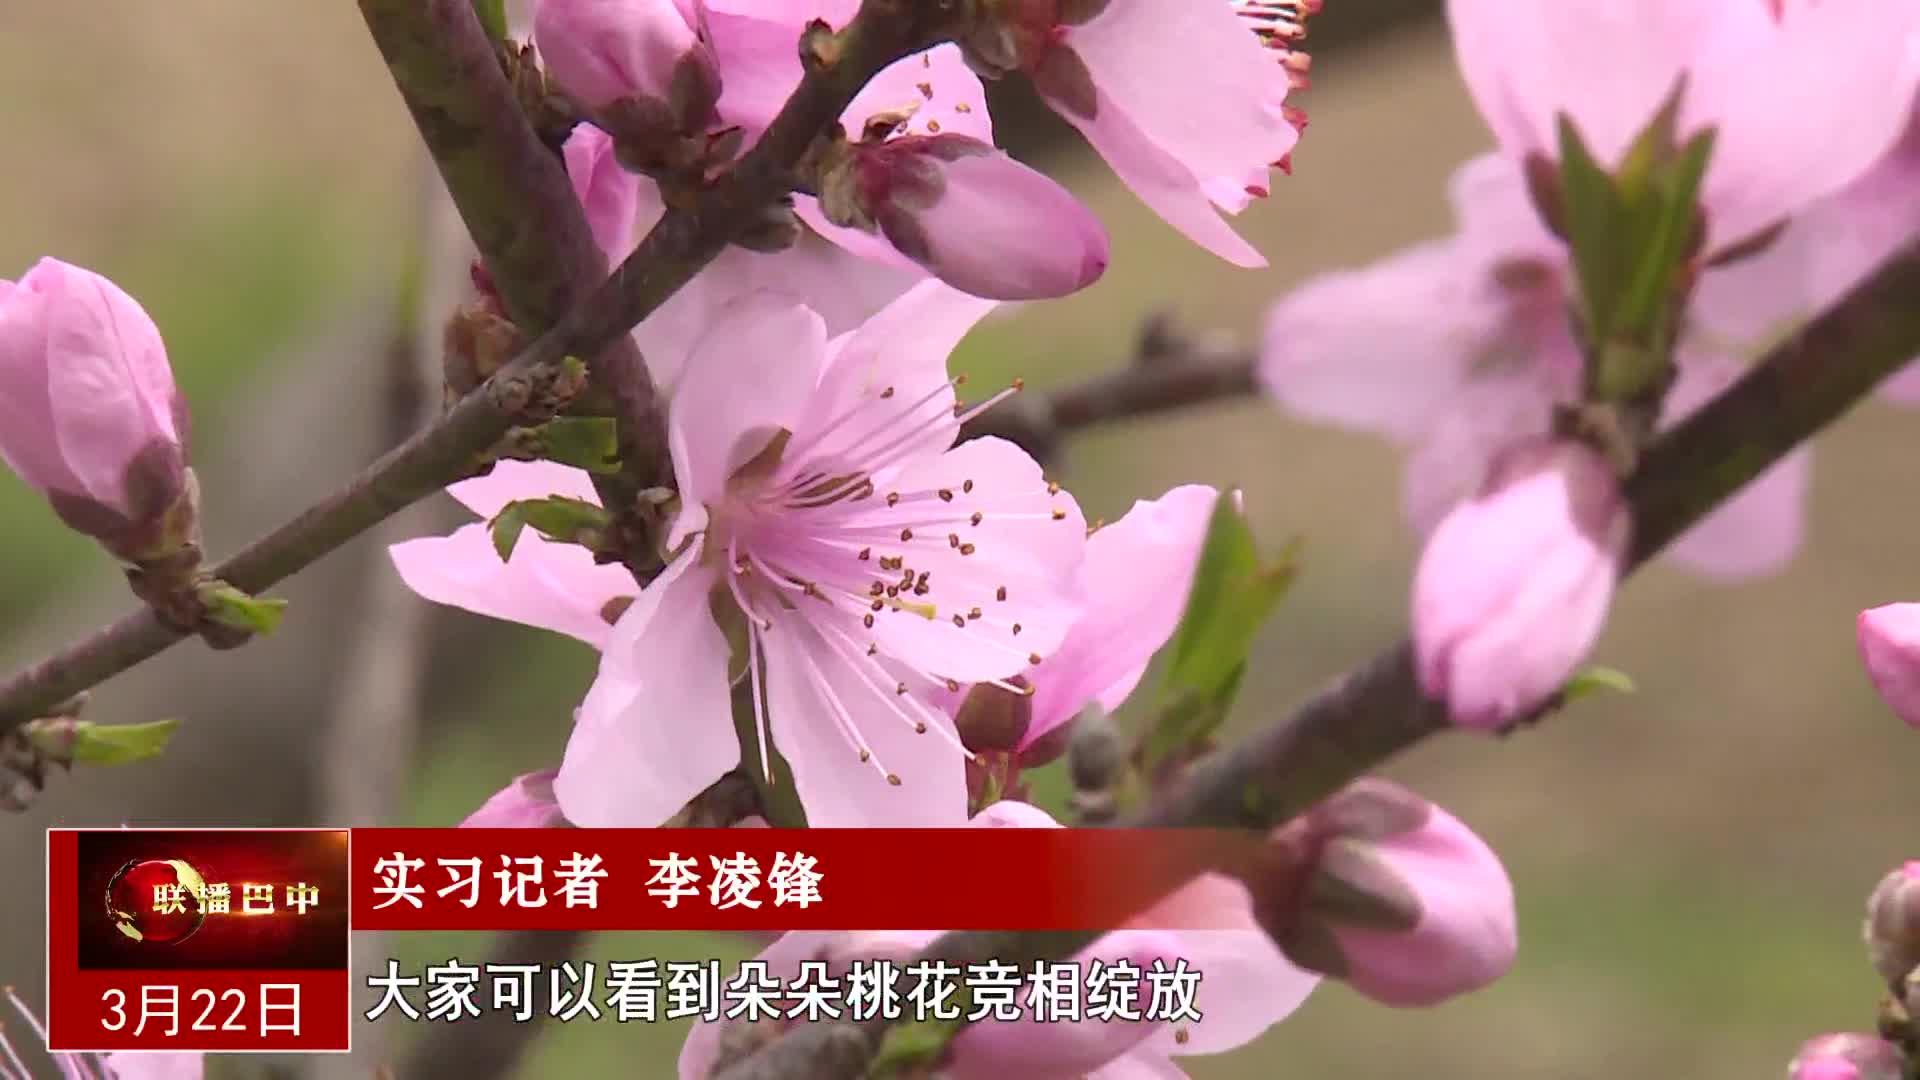 蘇山坪:桃花春色暖先開